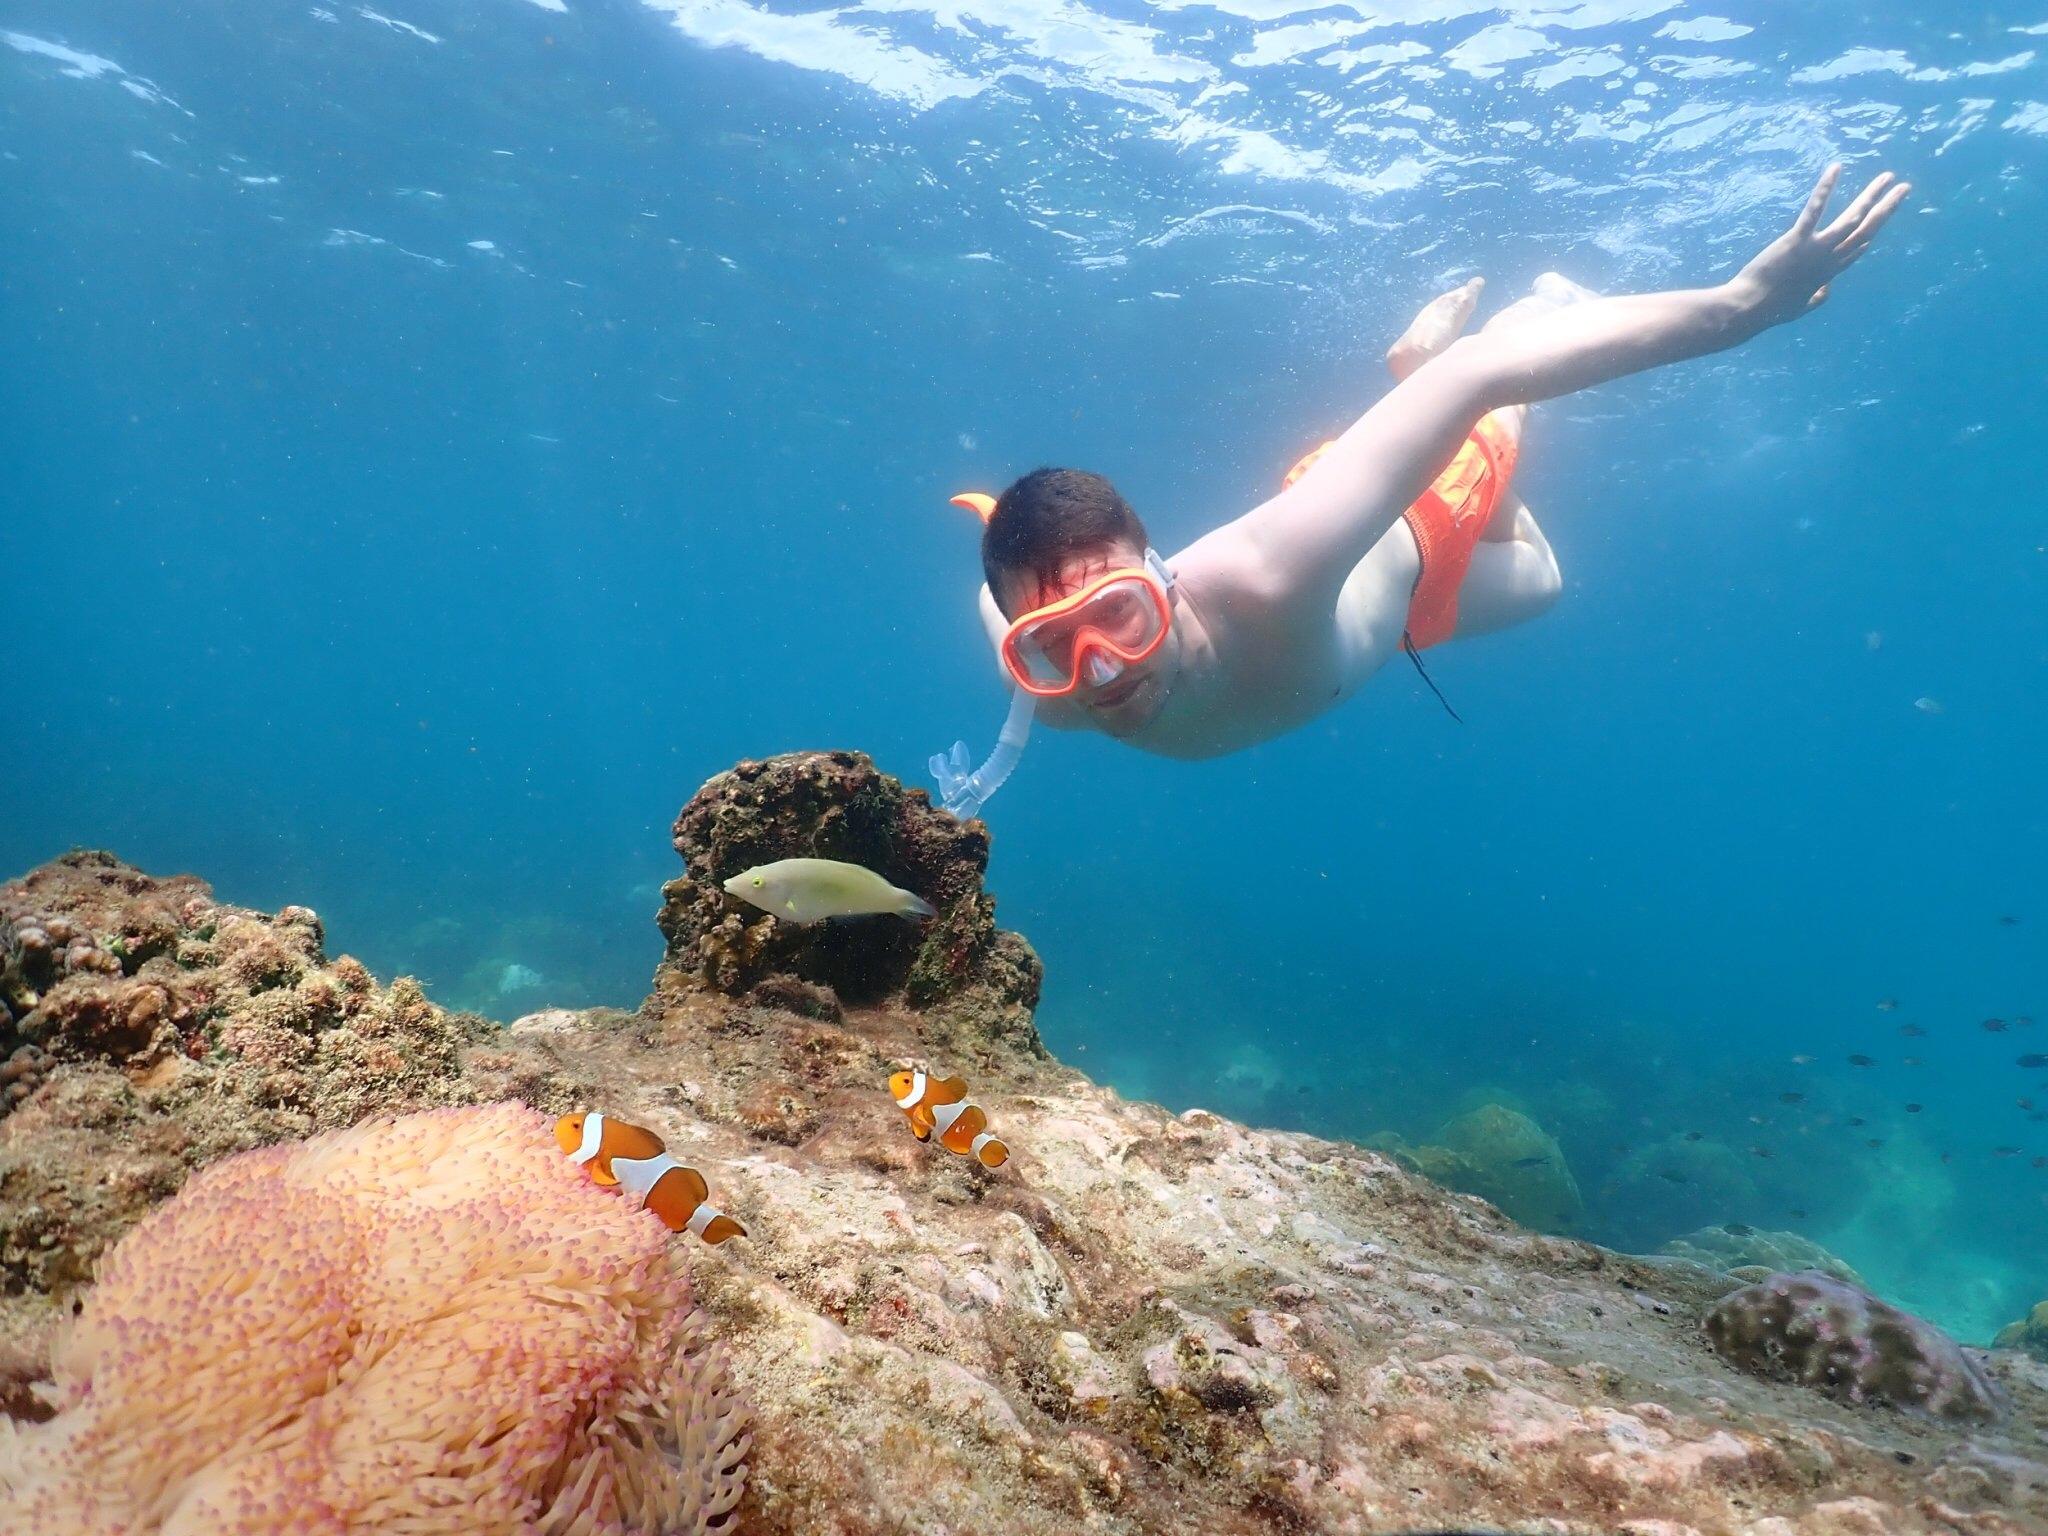 ดำน้ำดูปะการัง ดูปลาการ์ตูน ถ่ายรูปใต้น้ำ คนว่ายน้ำไม่เป็นก็เห็นปลาการ์ตูนได้ ฟรีอุปกรณ์ดำน้ำ